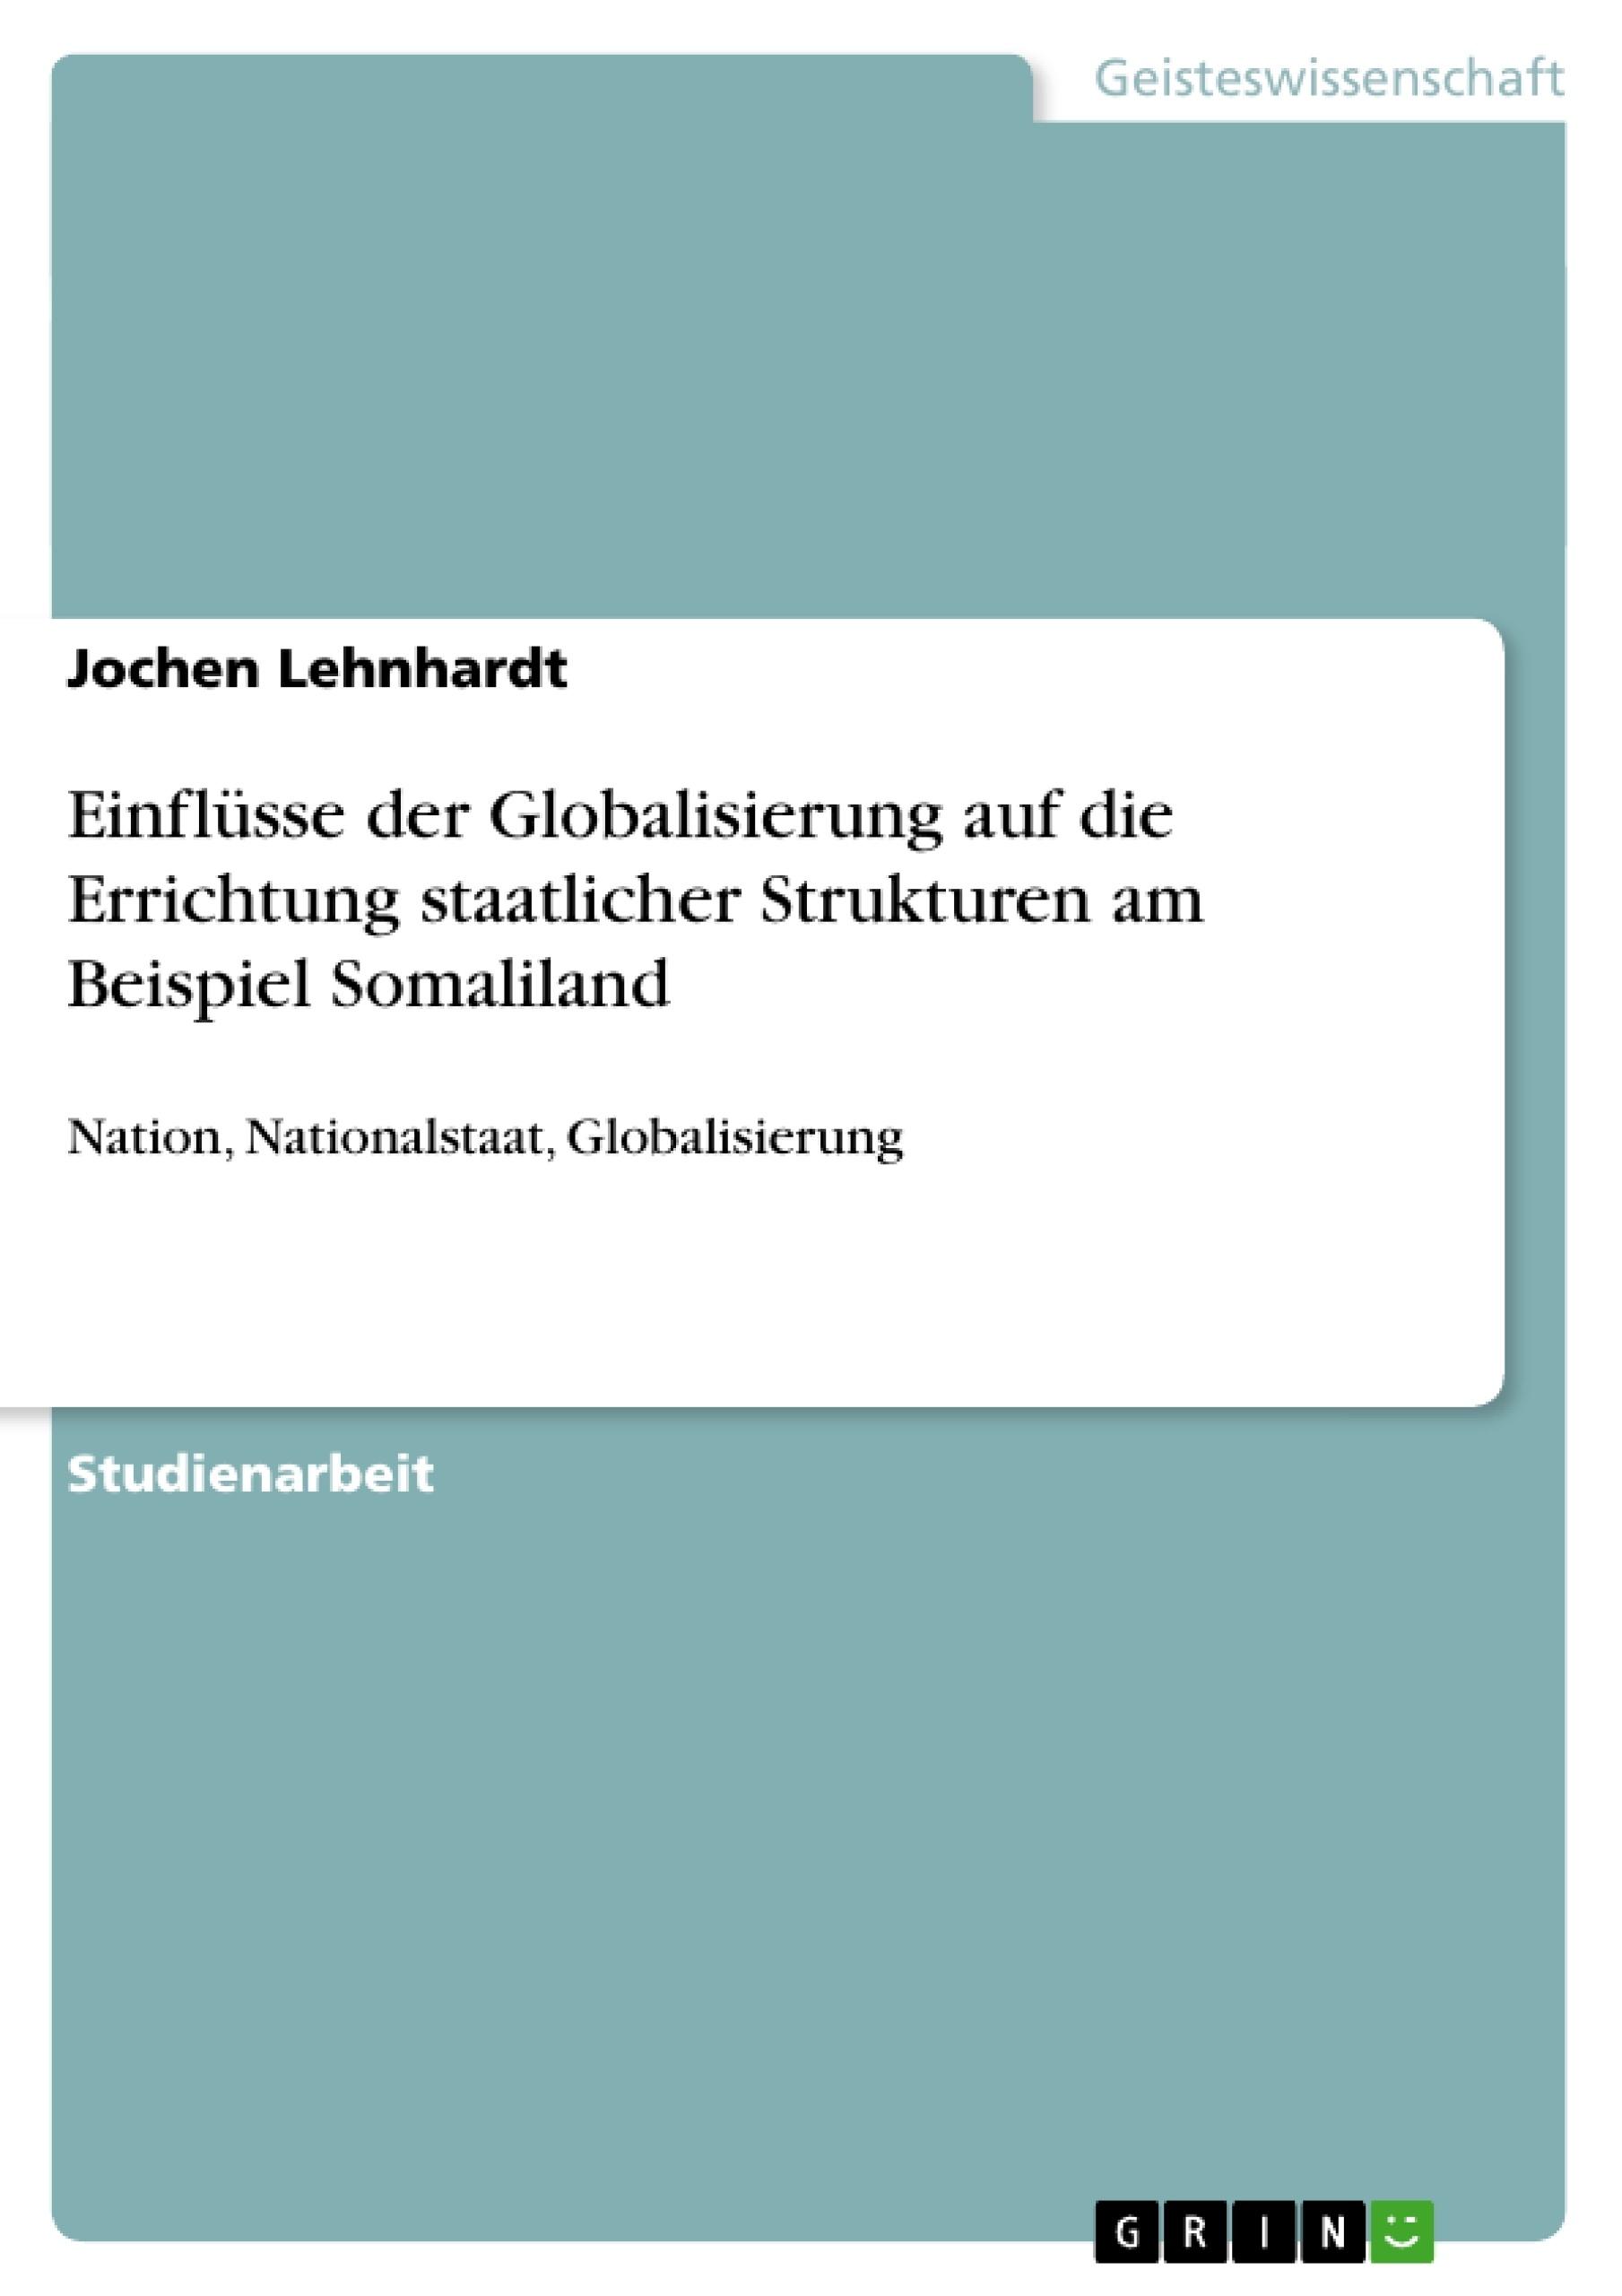 Titel: Einflüsse der Globalisierung auf die Errichtung staatlicher Strukturen am Beispiel Somaliland